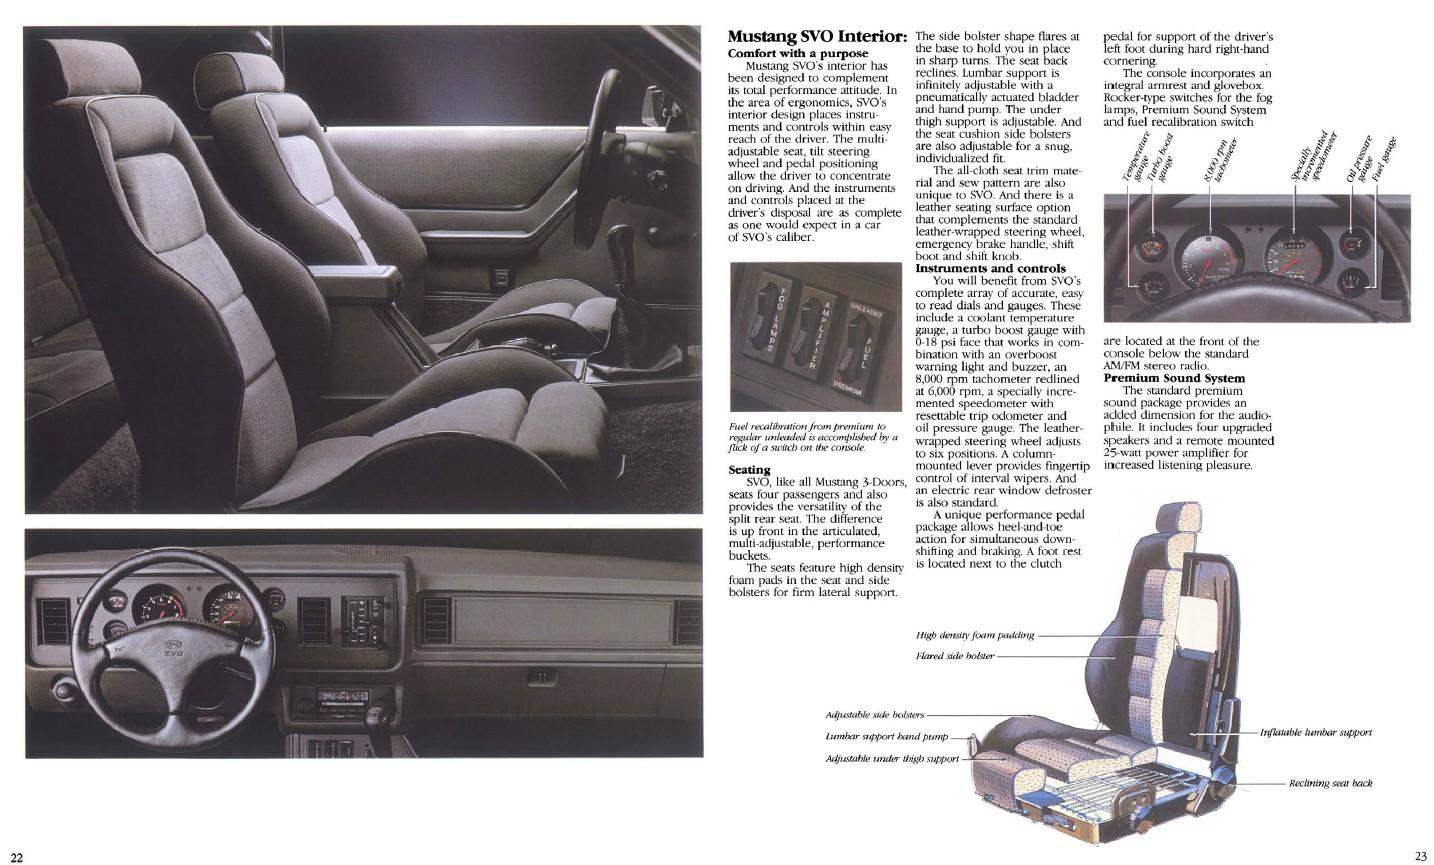 1984-ford-mustang-brochure-13.jpg